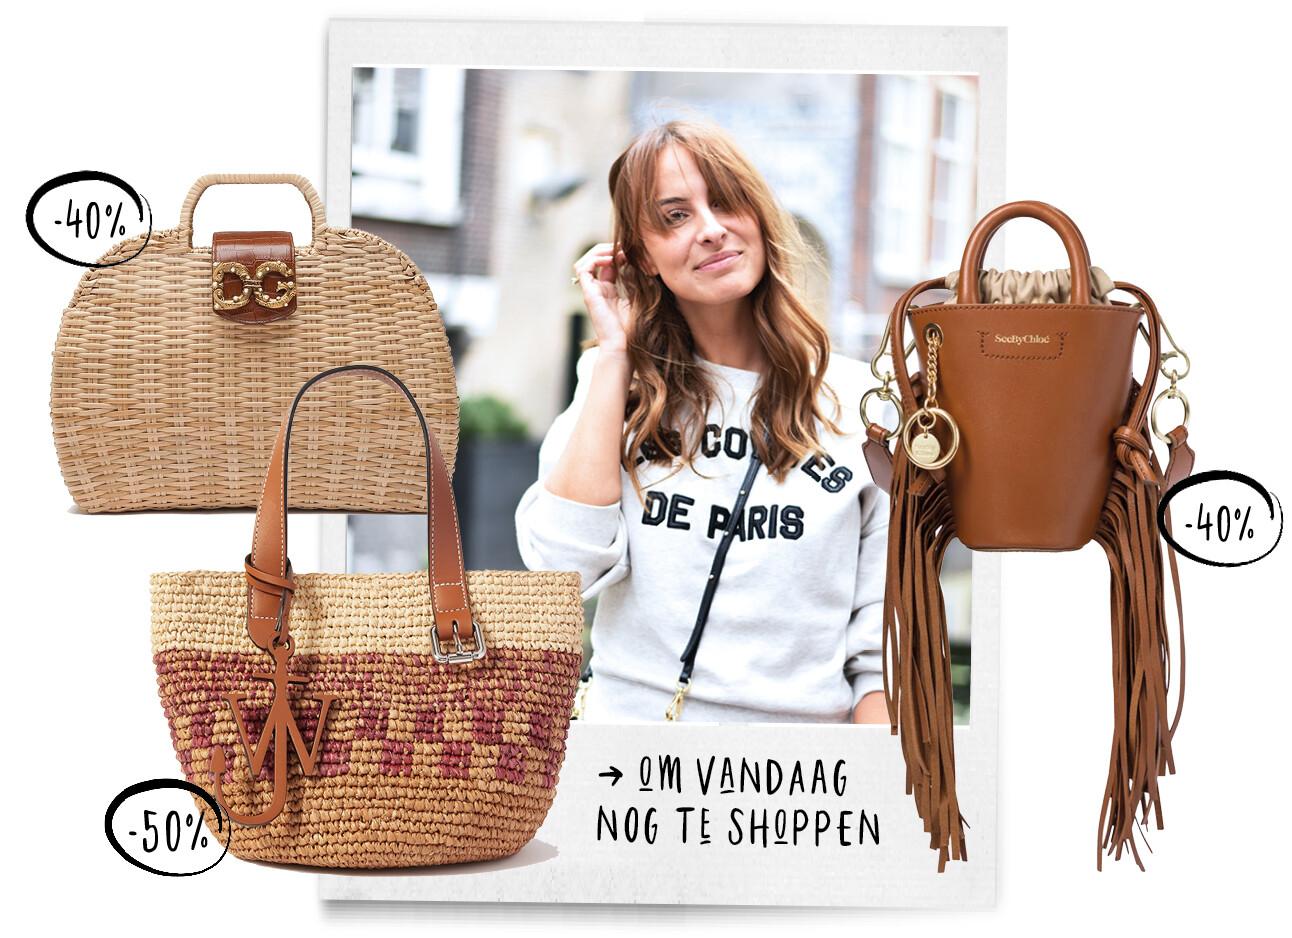 lilian brijl lachend met designer tassen om haar heen in de sale